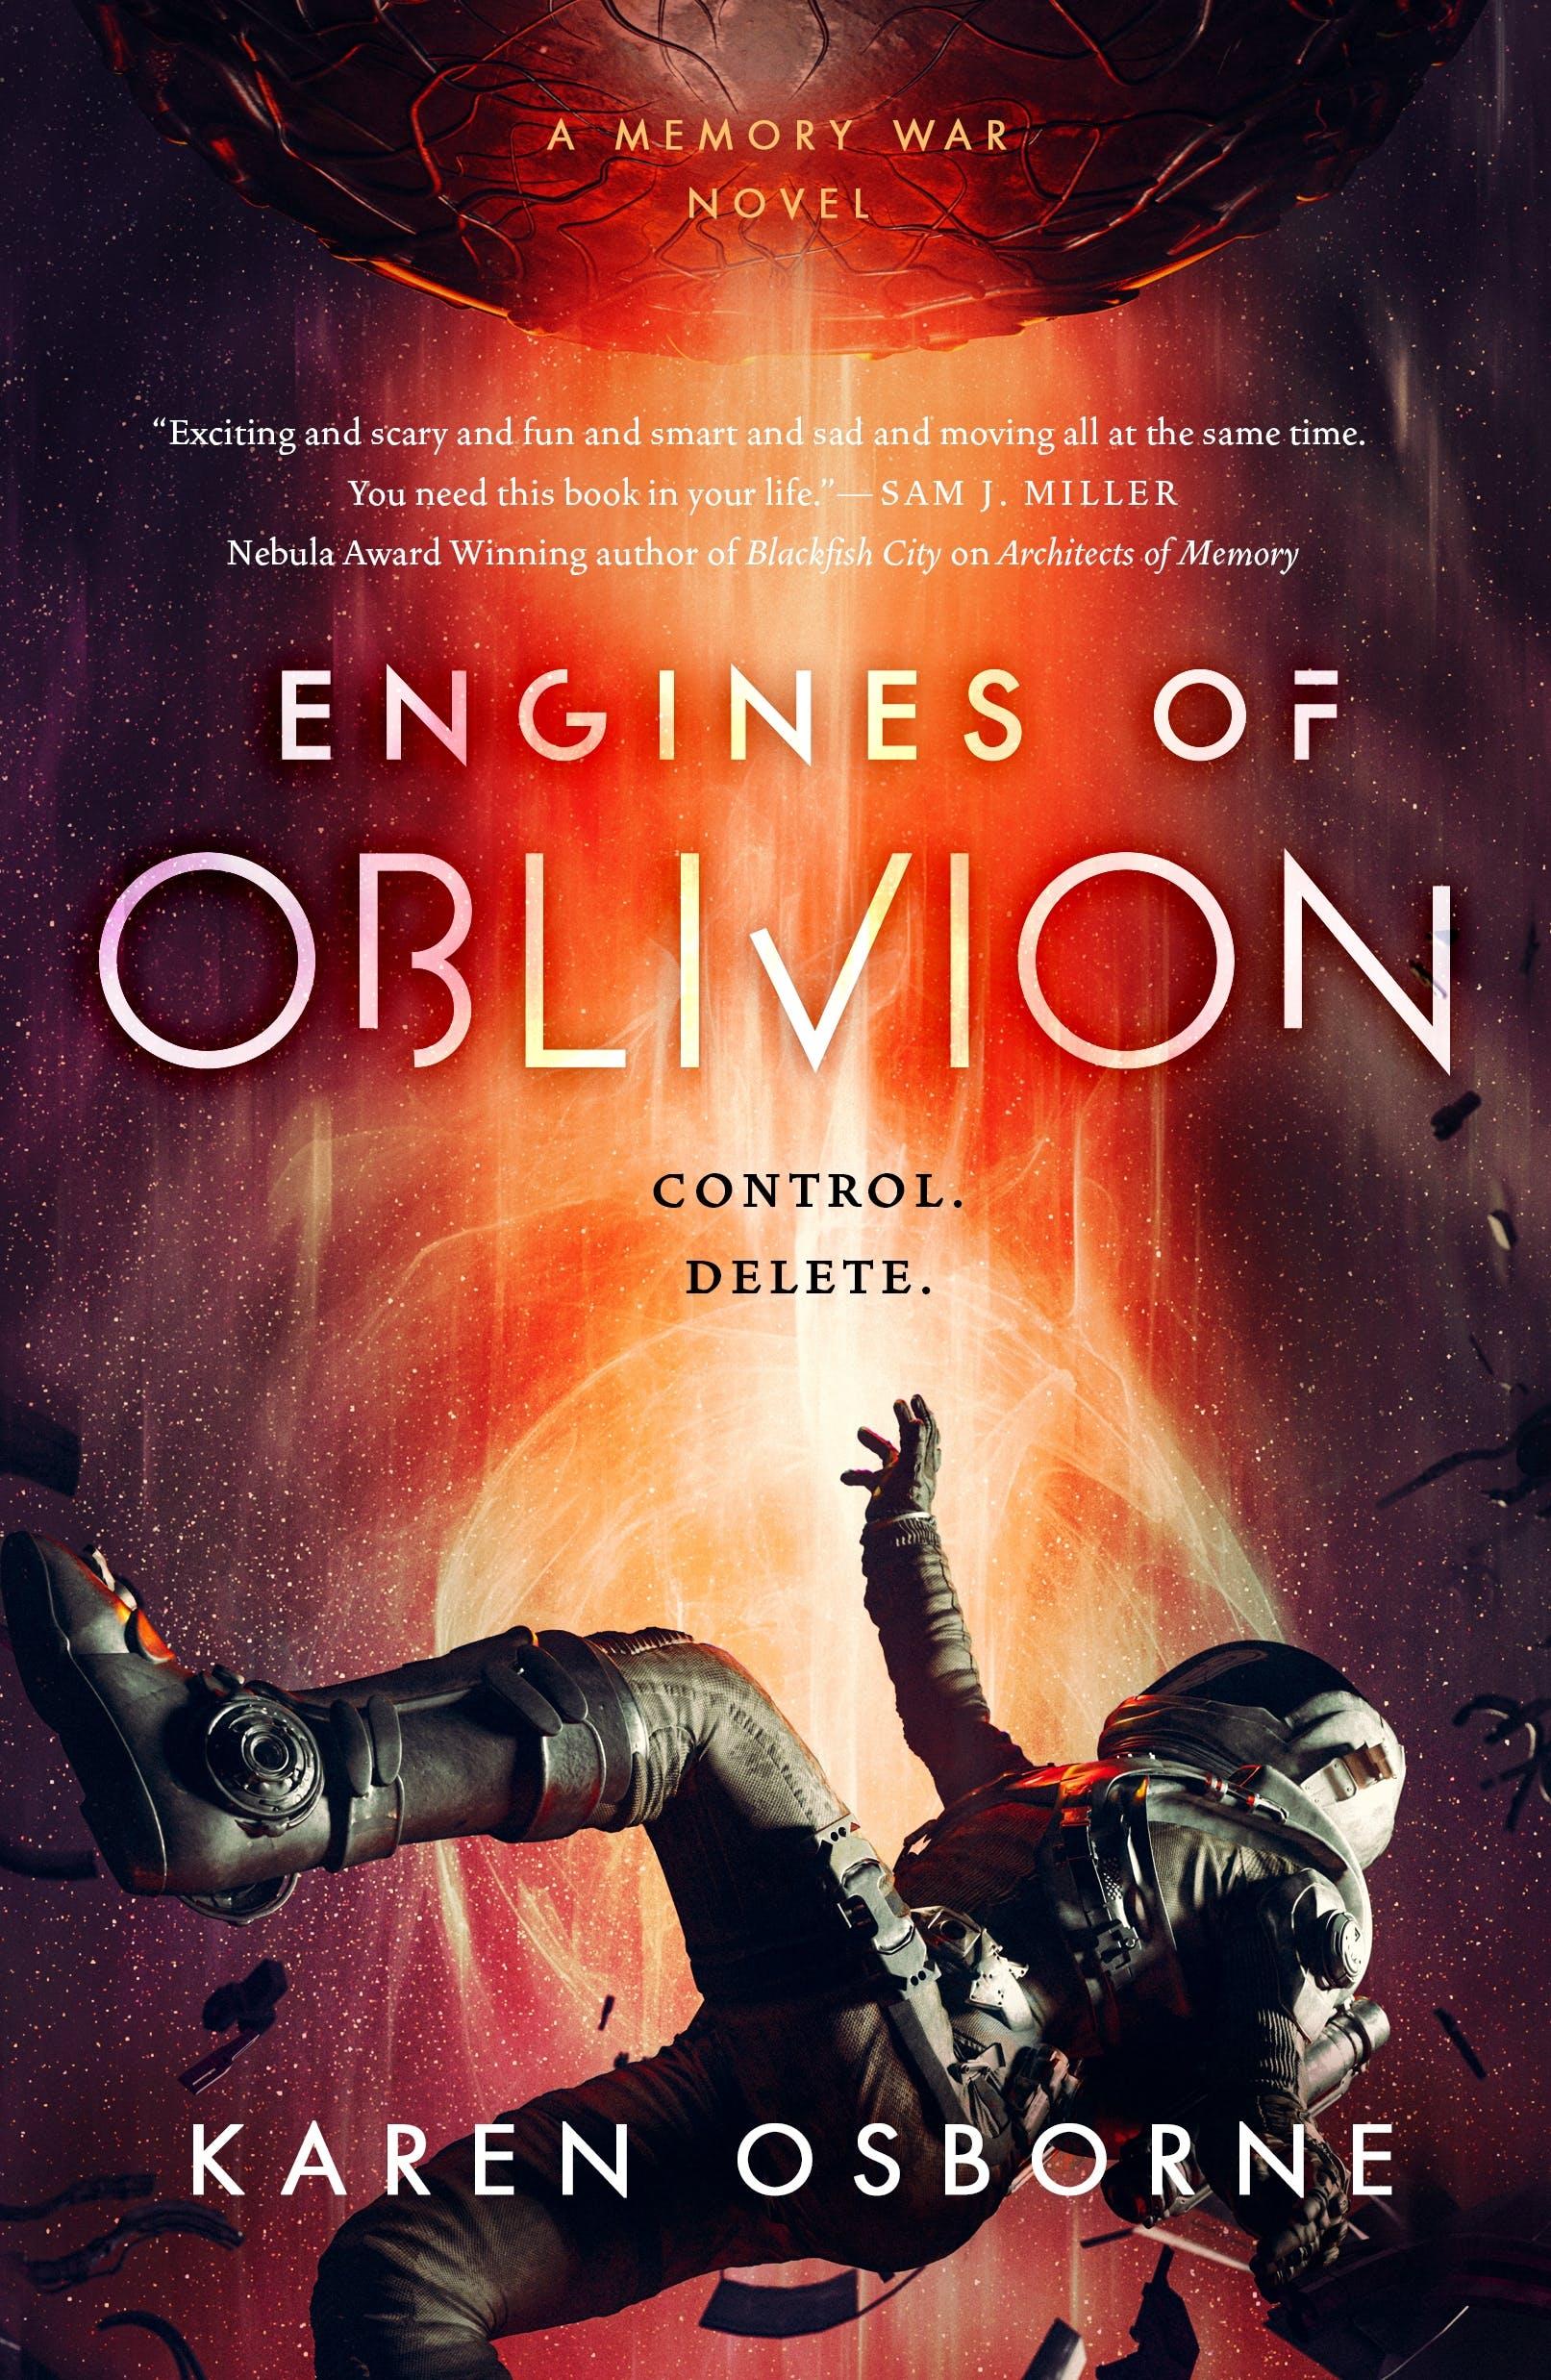 Image of Engines of Oblivion